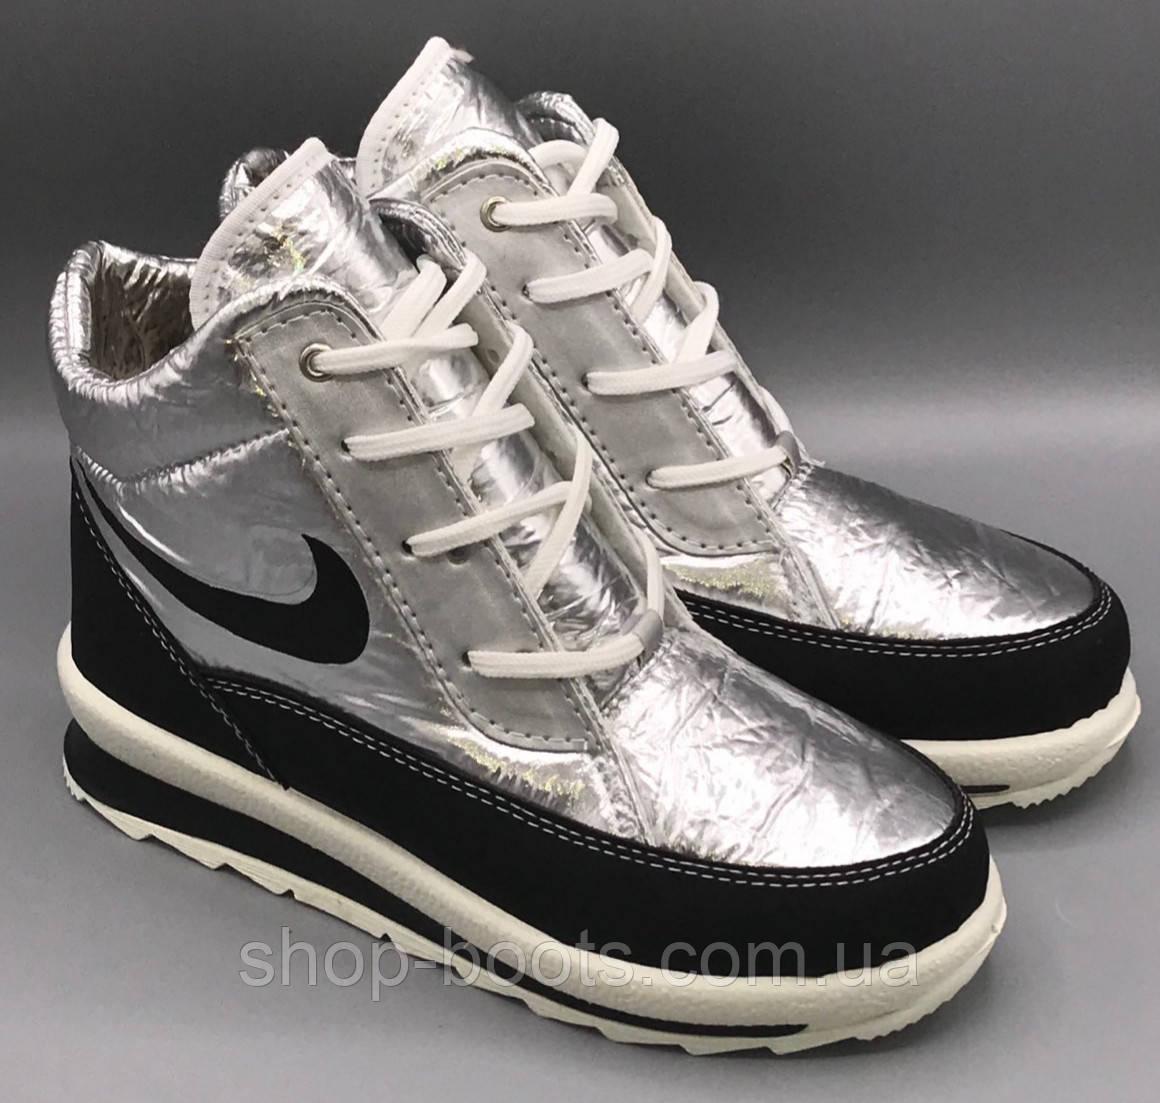 Женские ботинки гофра. 37-41 рр. Модель Гофра 117-3 серебро